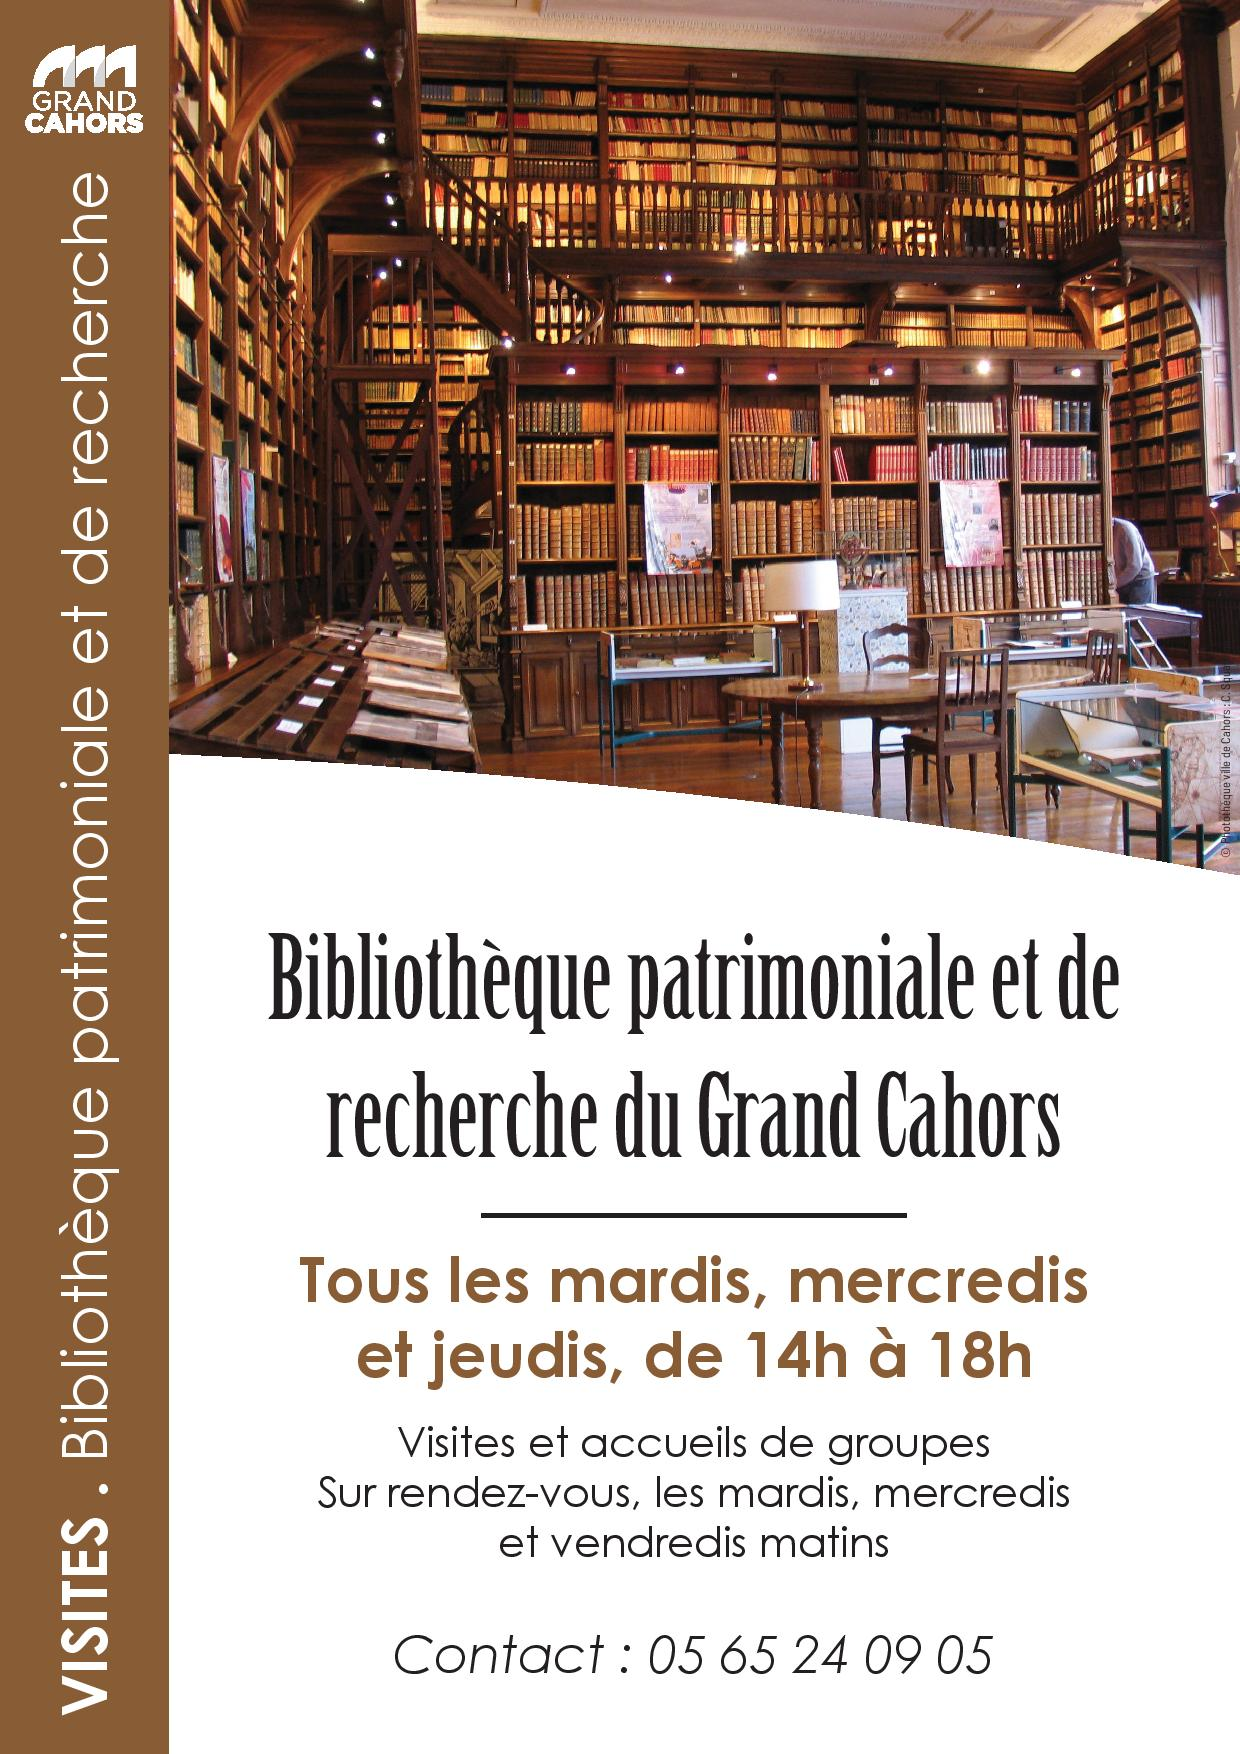 Figeac : Visite : Bibliothèque Patrimoniale & de Recherche du Grand Cahors